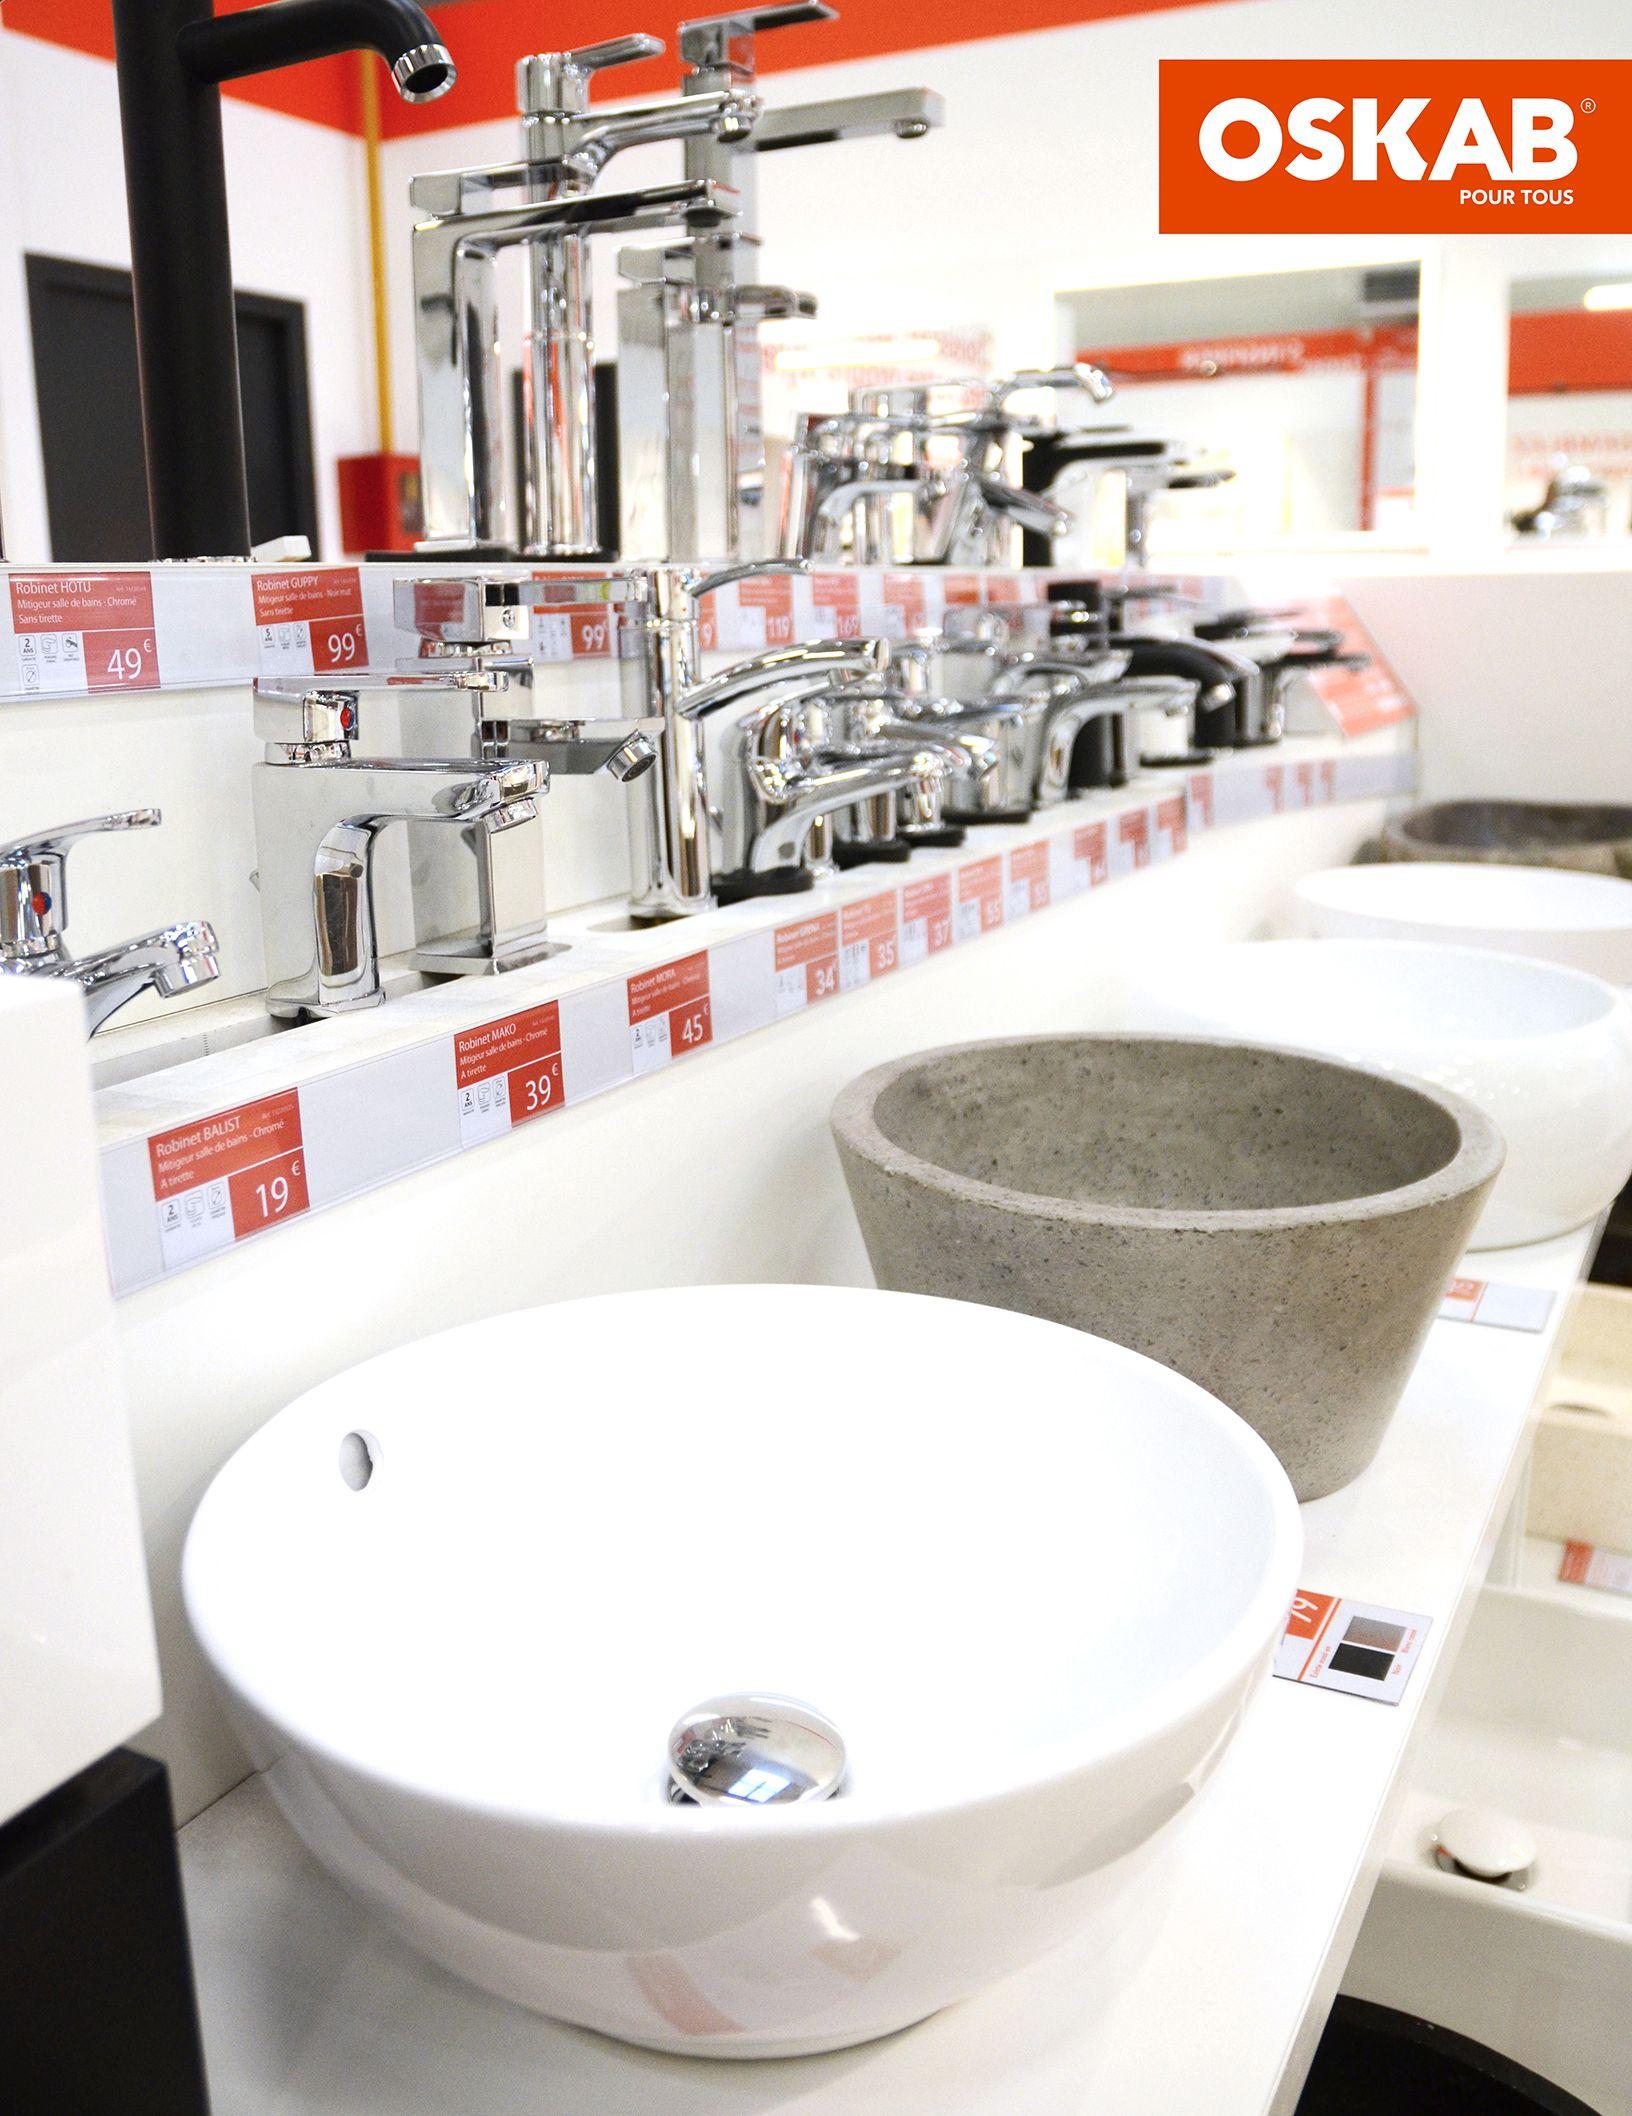 Meuble De Cuisine Salle De Bains Rangement Oskab Meuble Cuisine Amenagement Interieur